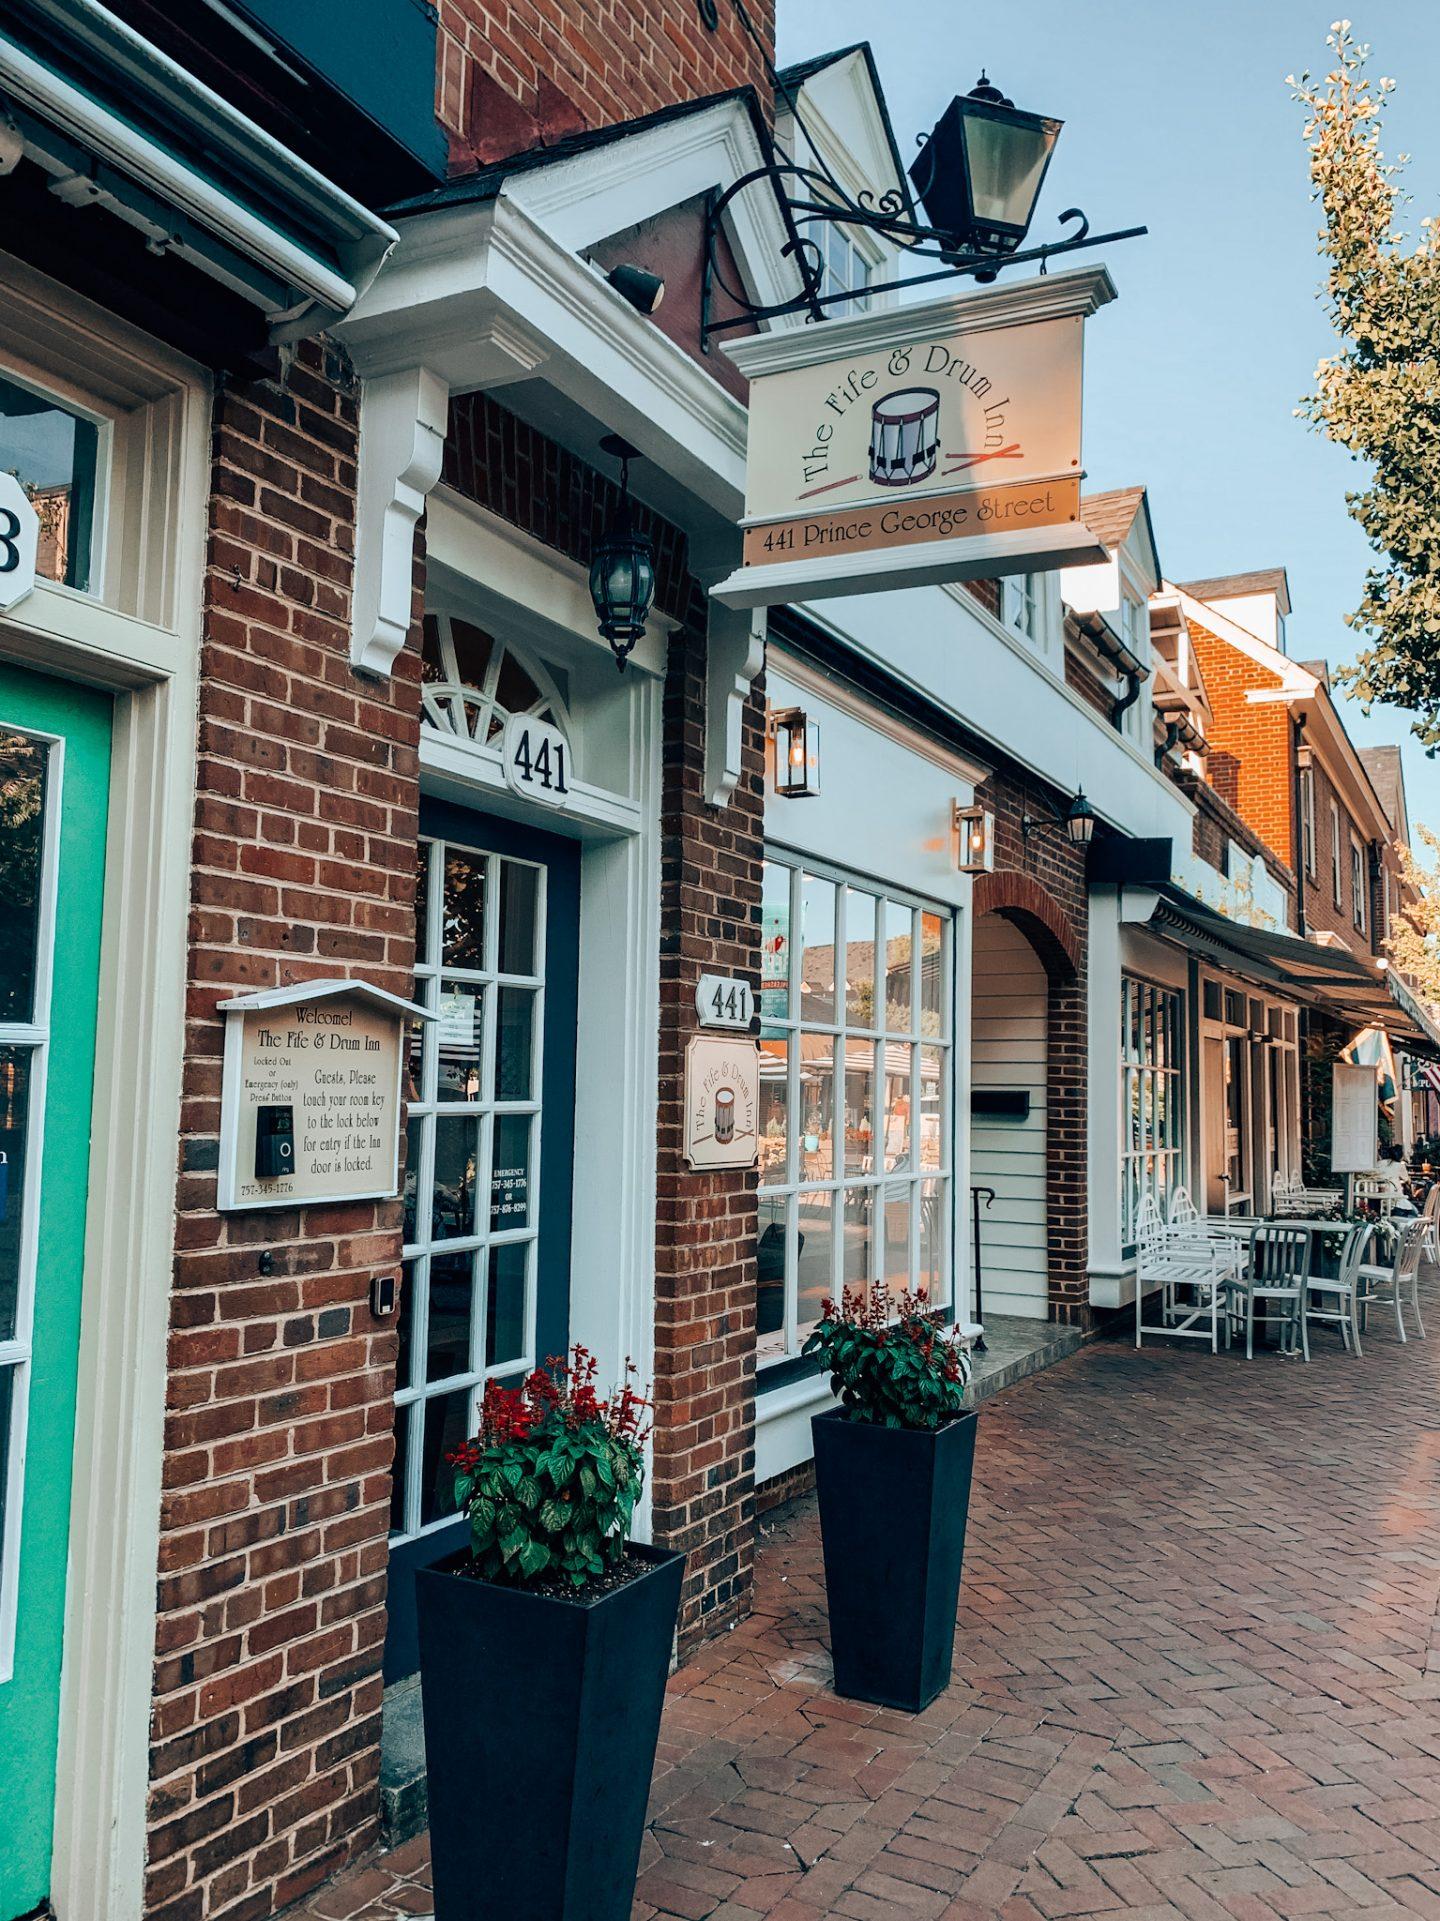 Fife and Drum Inn in Williamsburg, VA